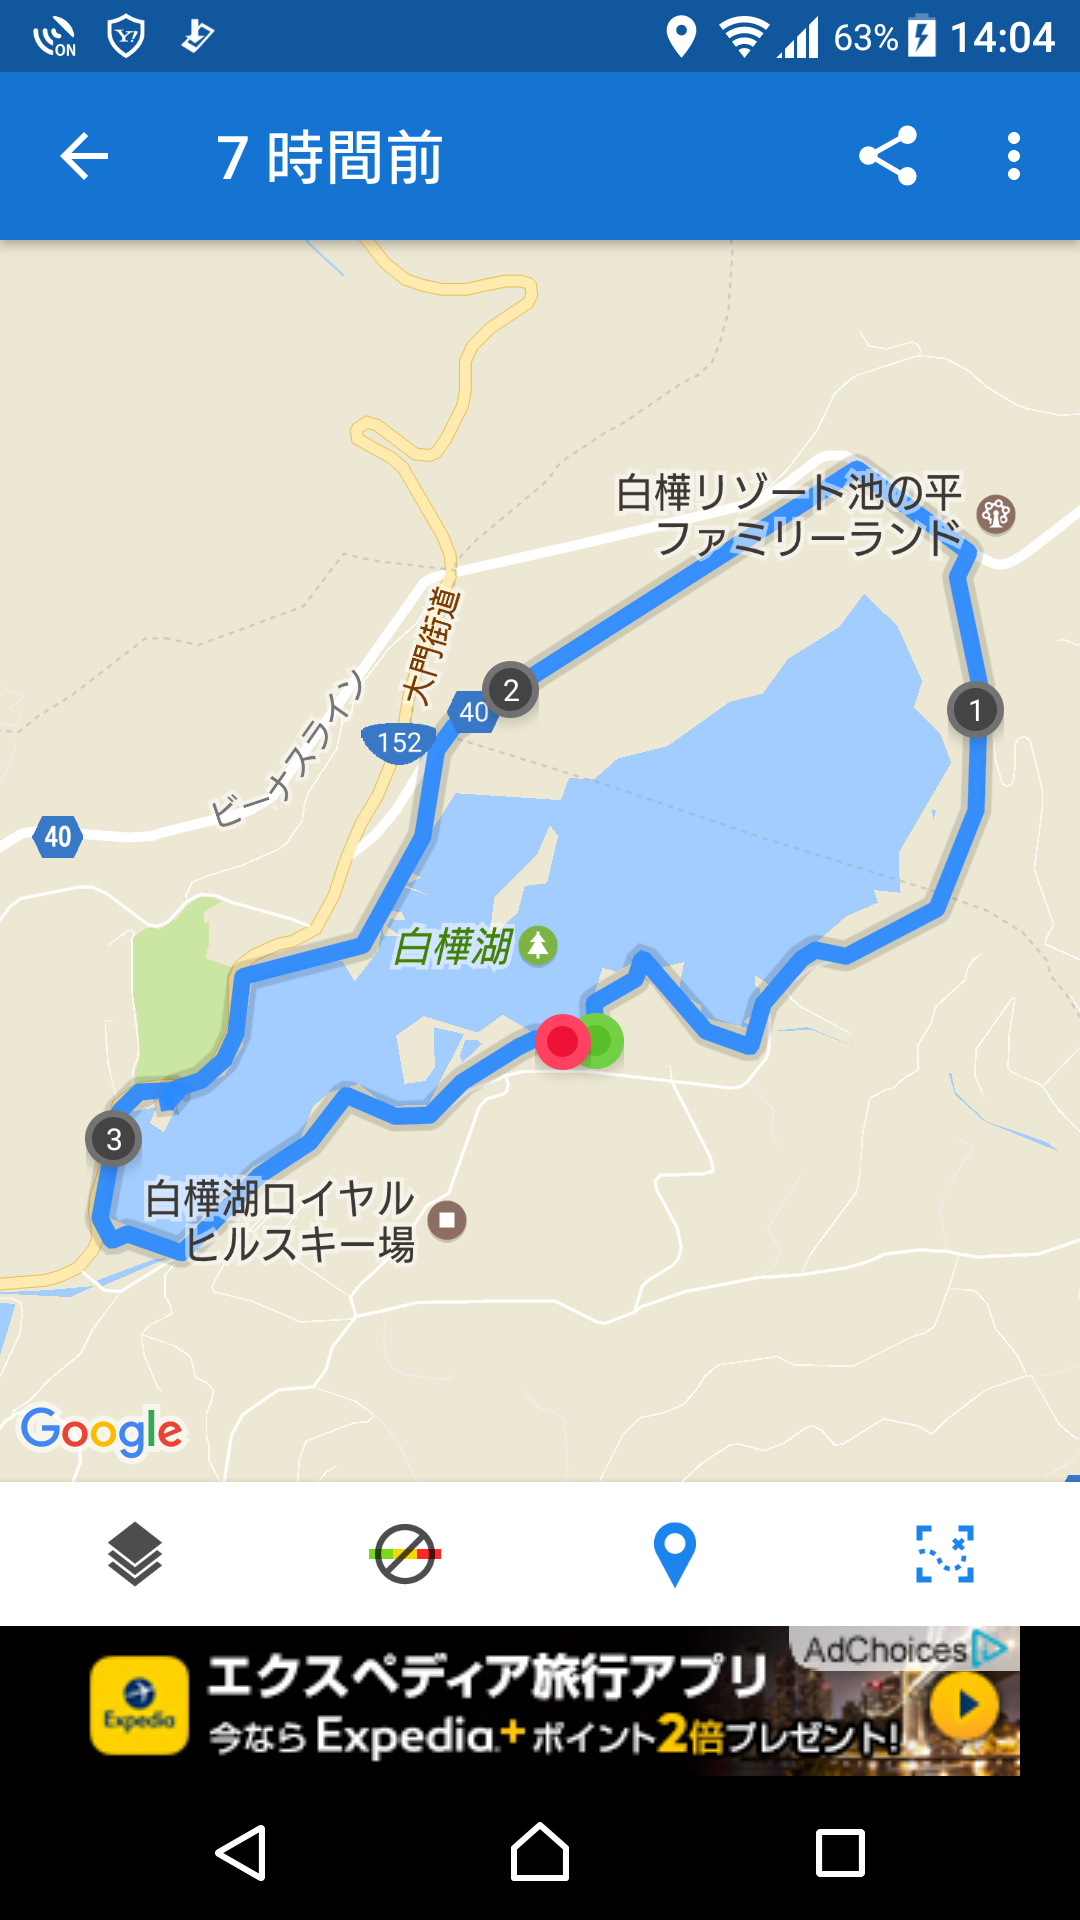 f:id:ynakayama27:20170526142947p:plain